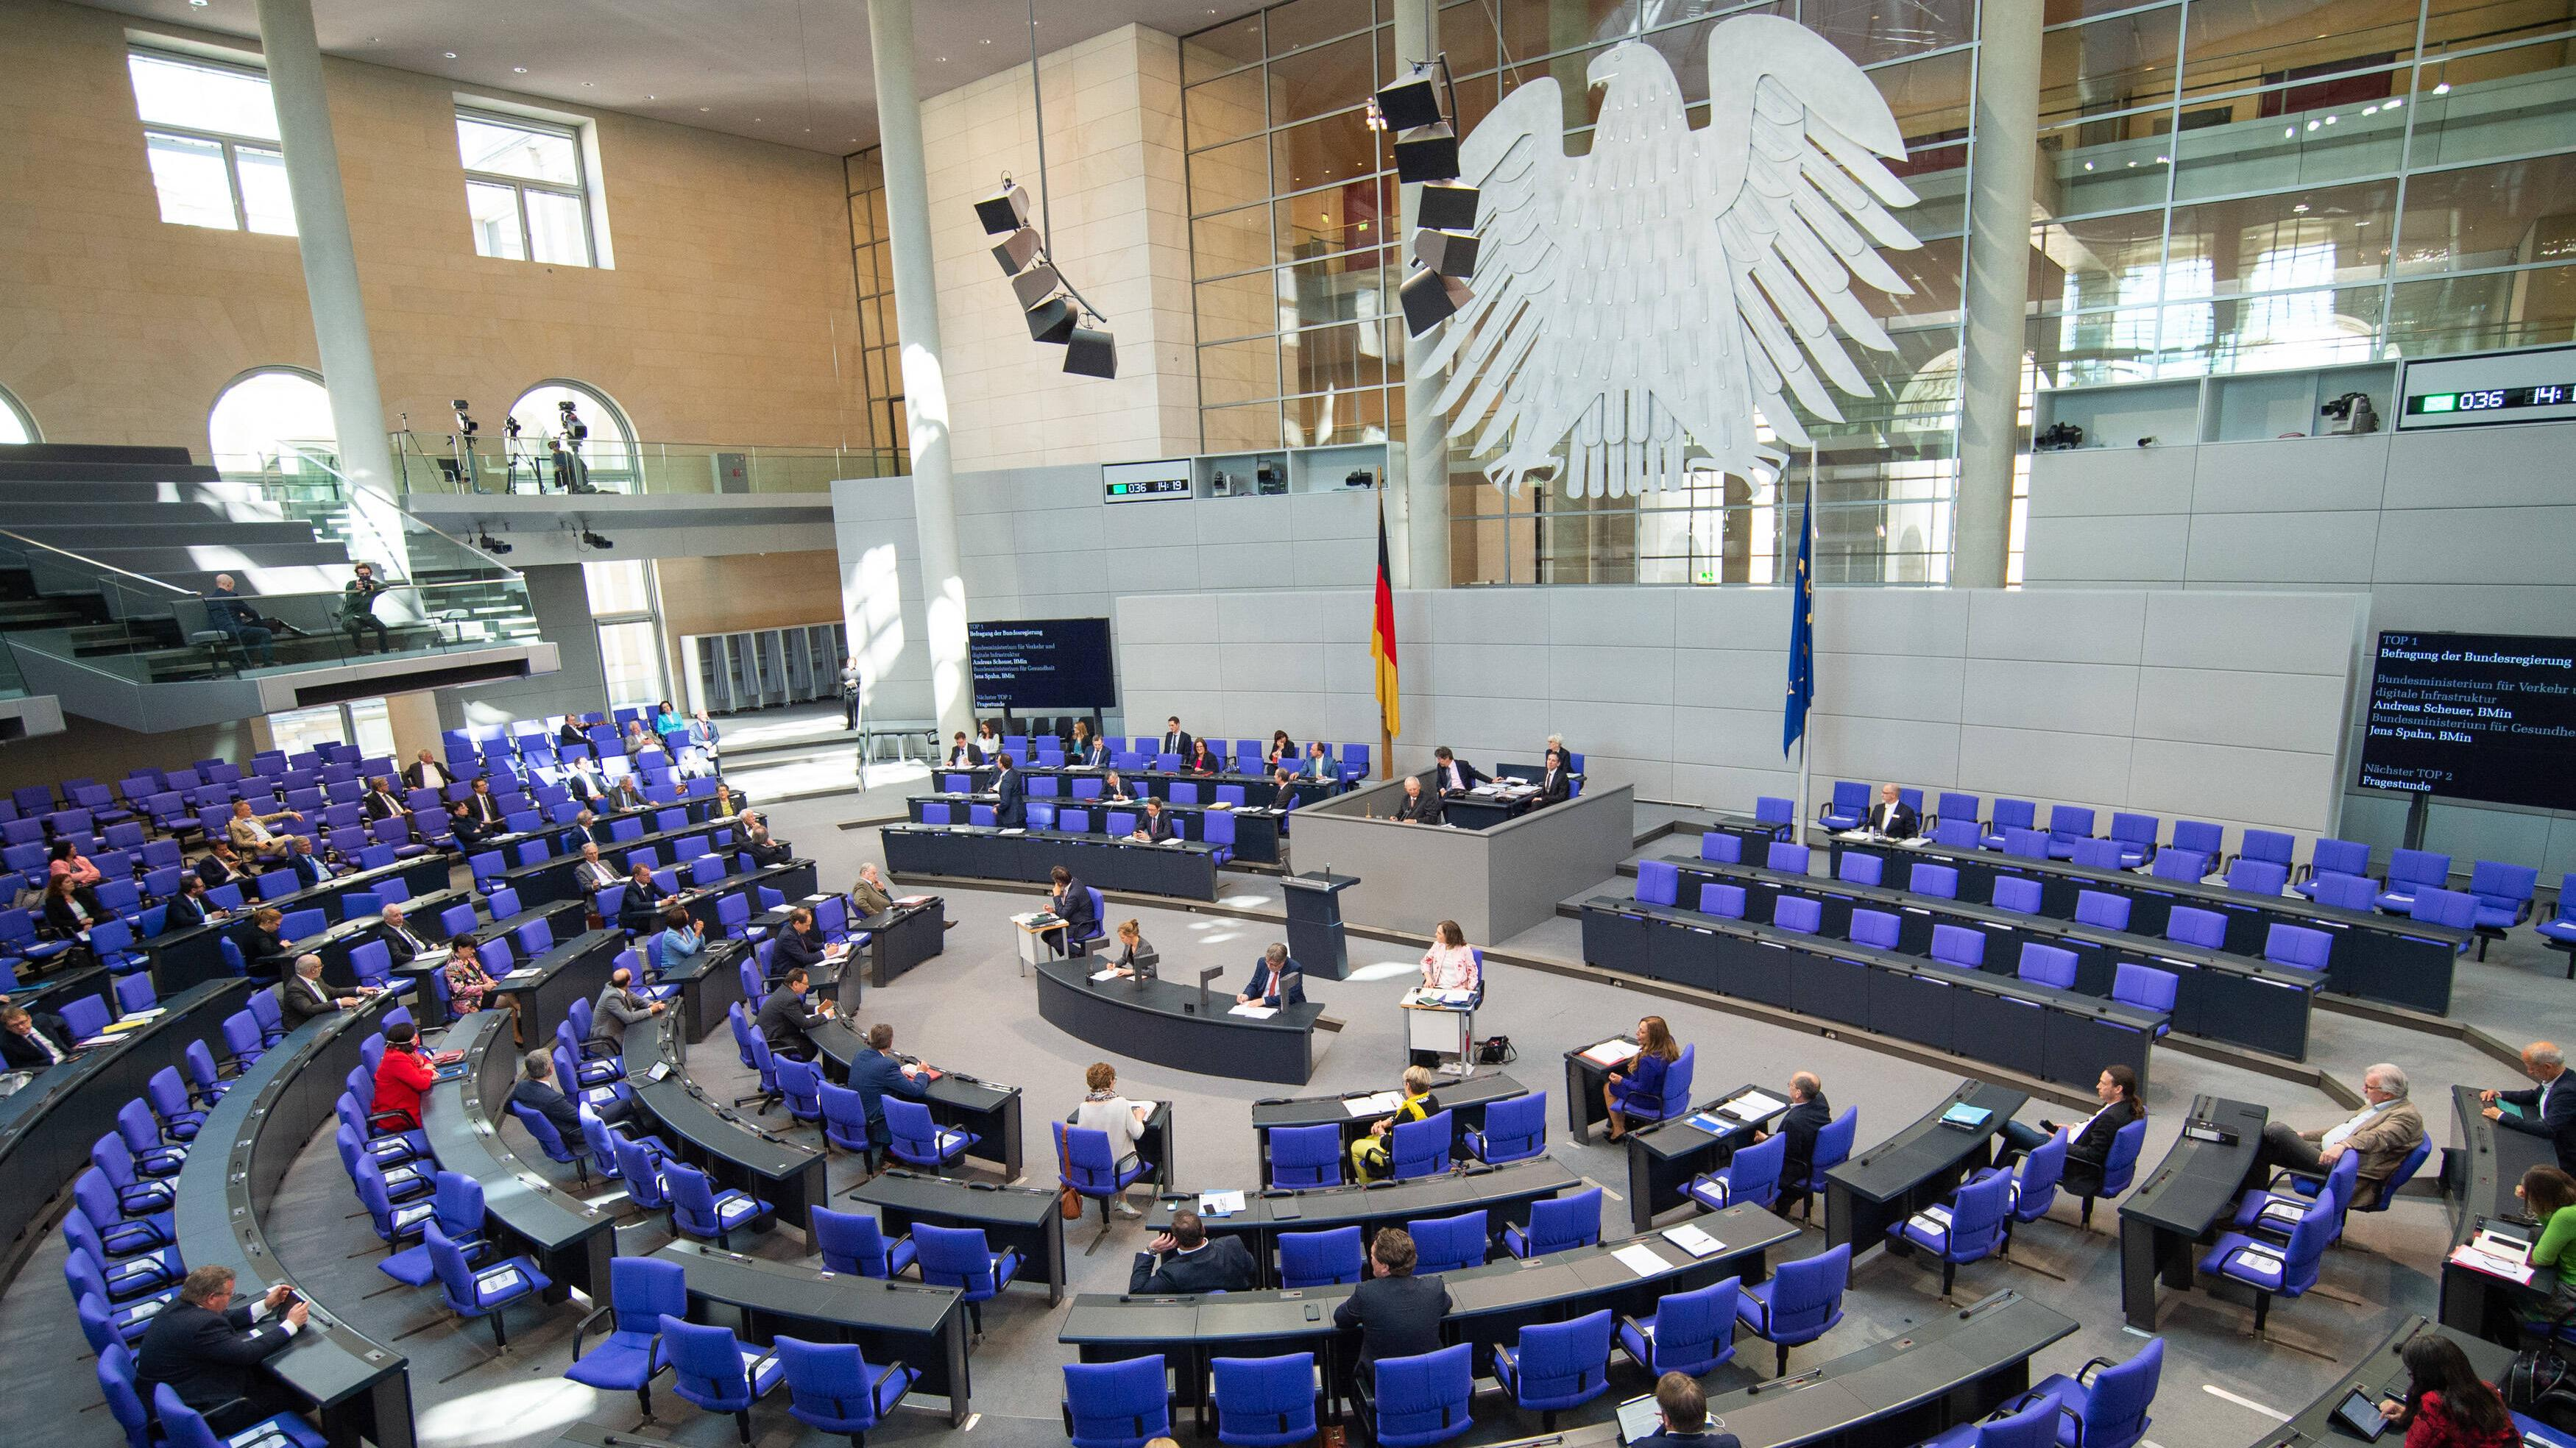 Gehalt von Bundestagsabgeordneten Das verdienen die Politiker ...